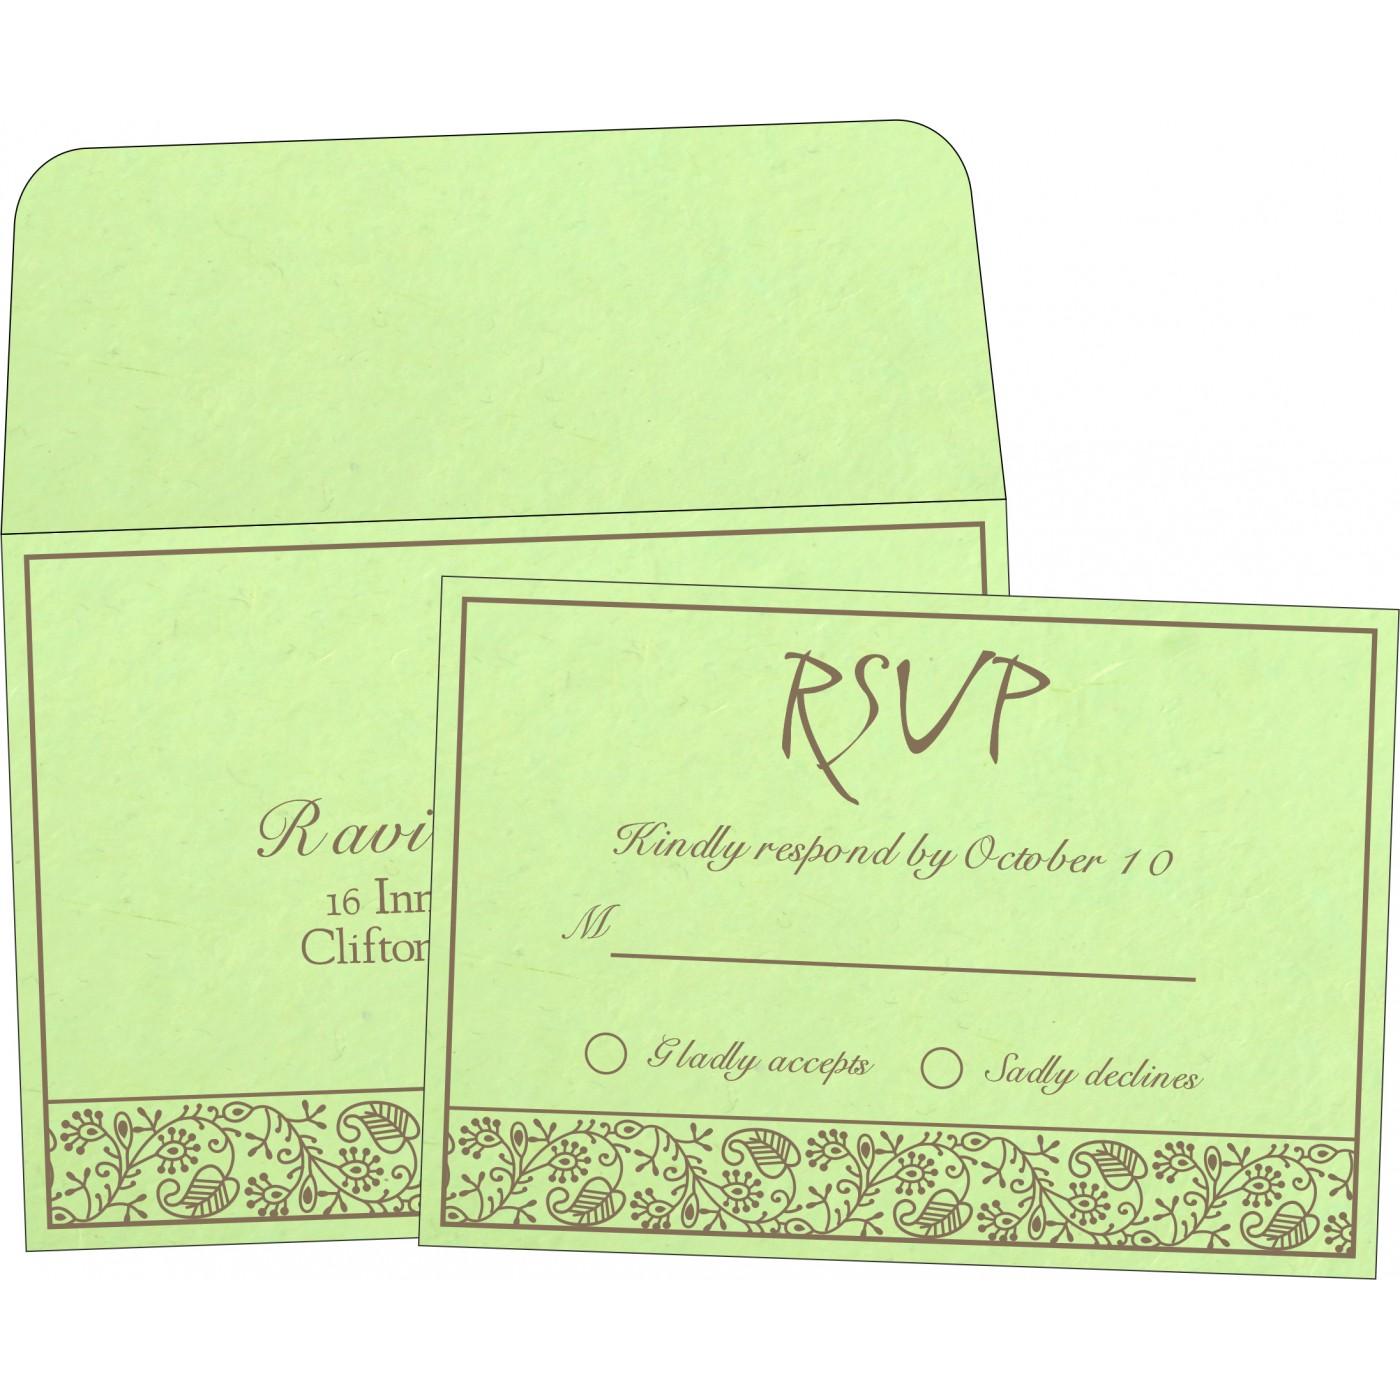 RSVP Cards - RSVP-8215D